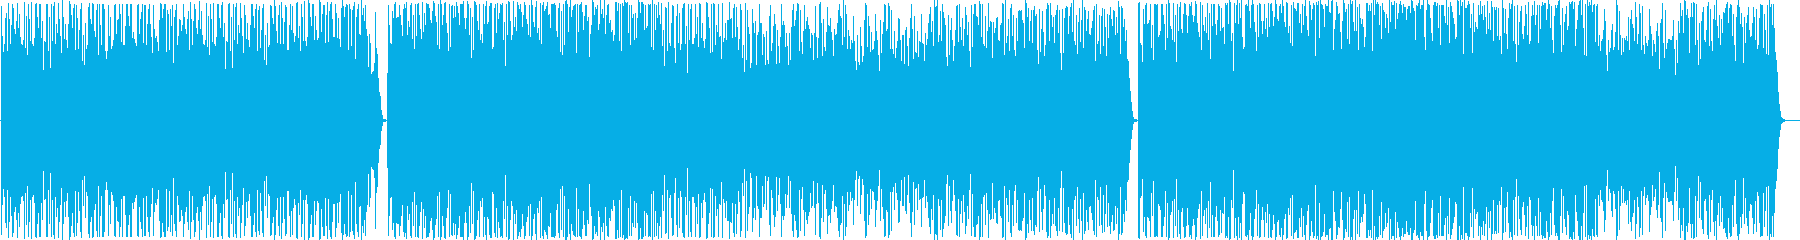 和太鼓のみの組太鼓楽曲の再生済みの波形